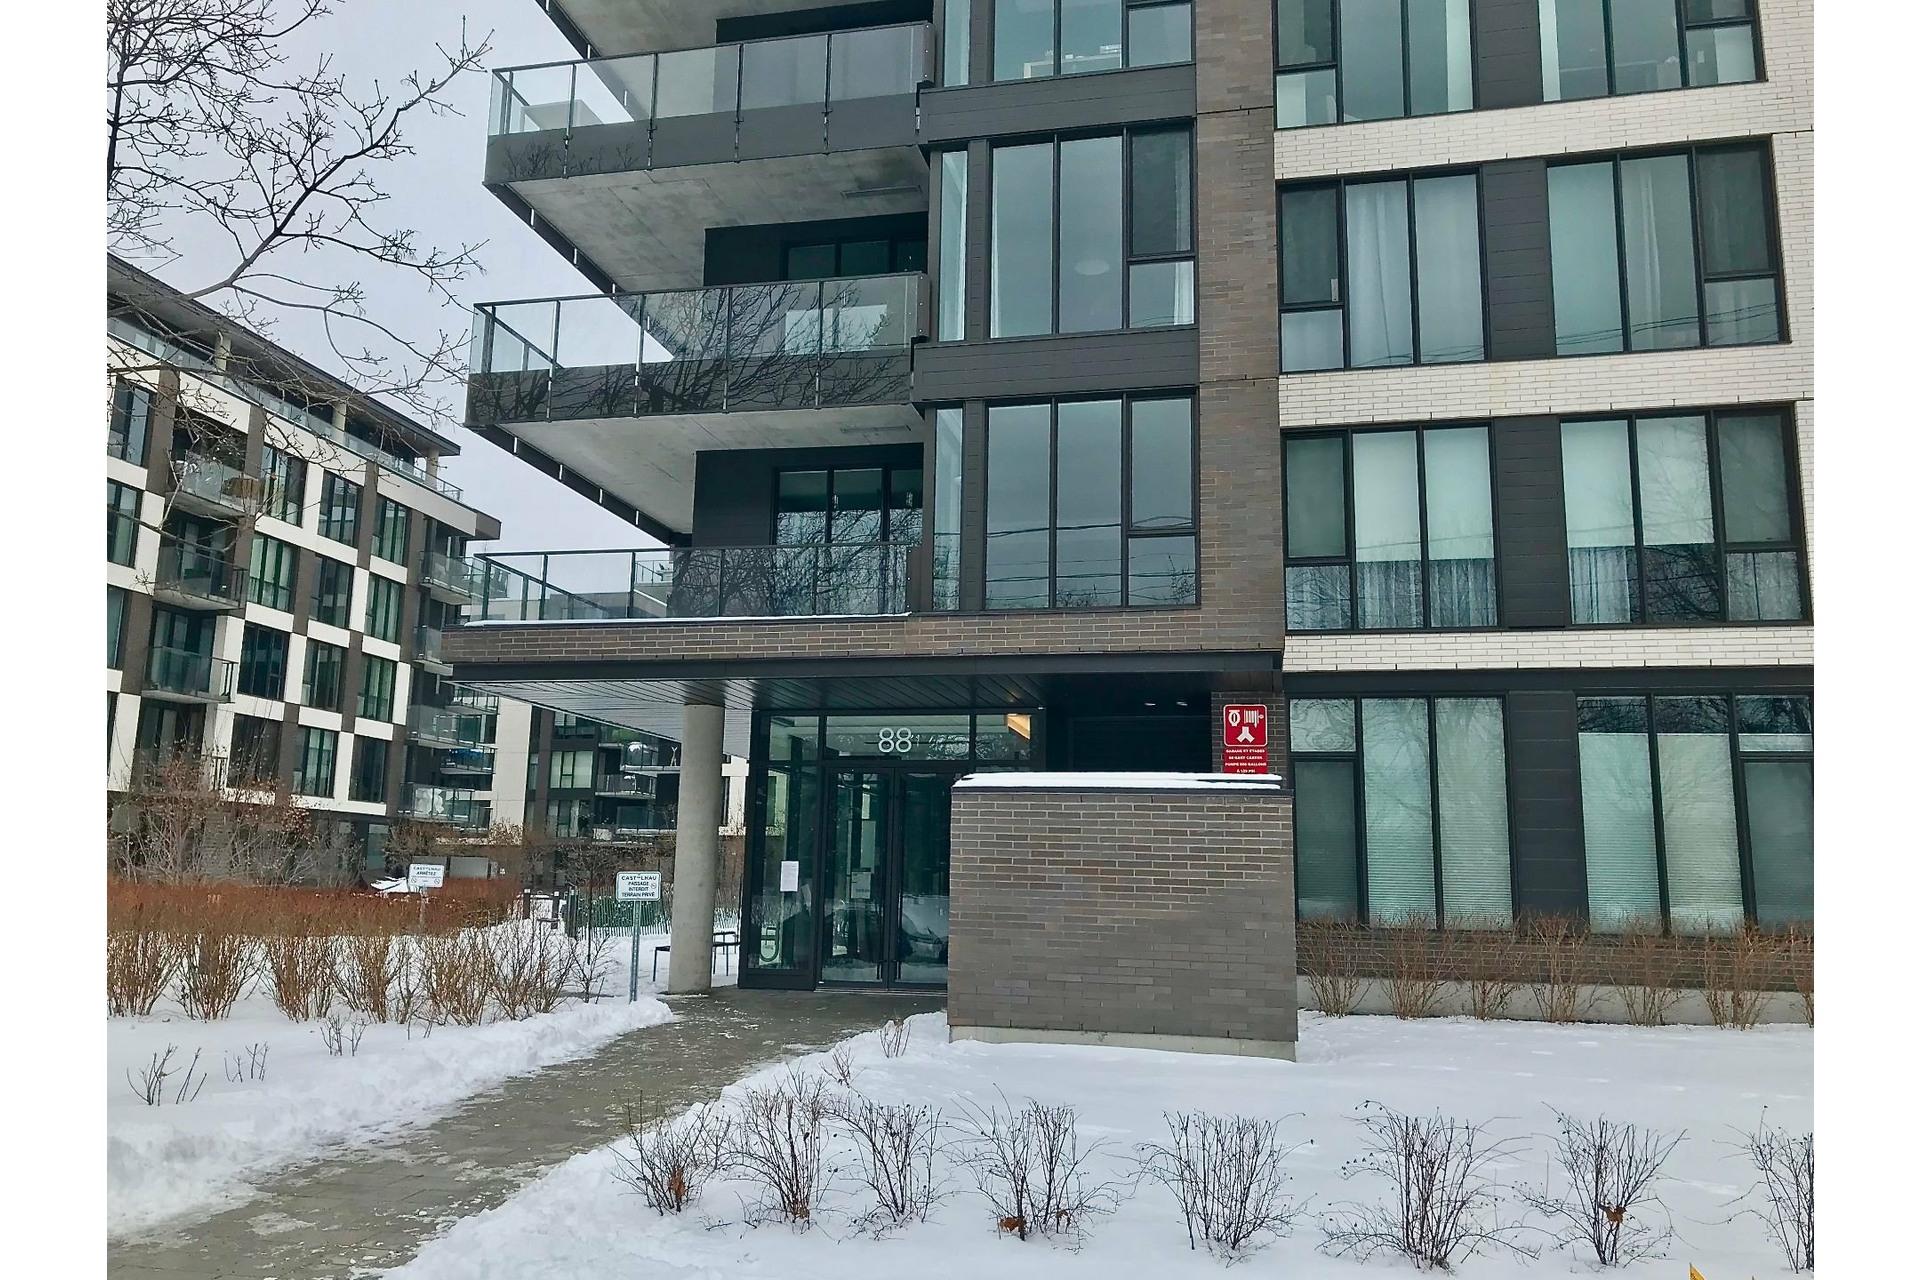 image 15 - Appartement À vendre Villeray/Saint-Michel/Parc-Extension Montréal  - 4 pièces